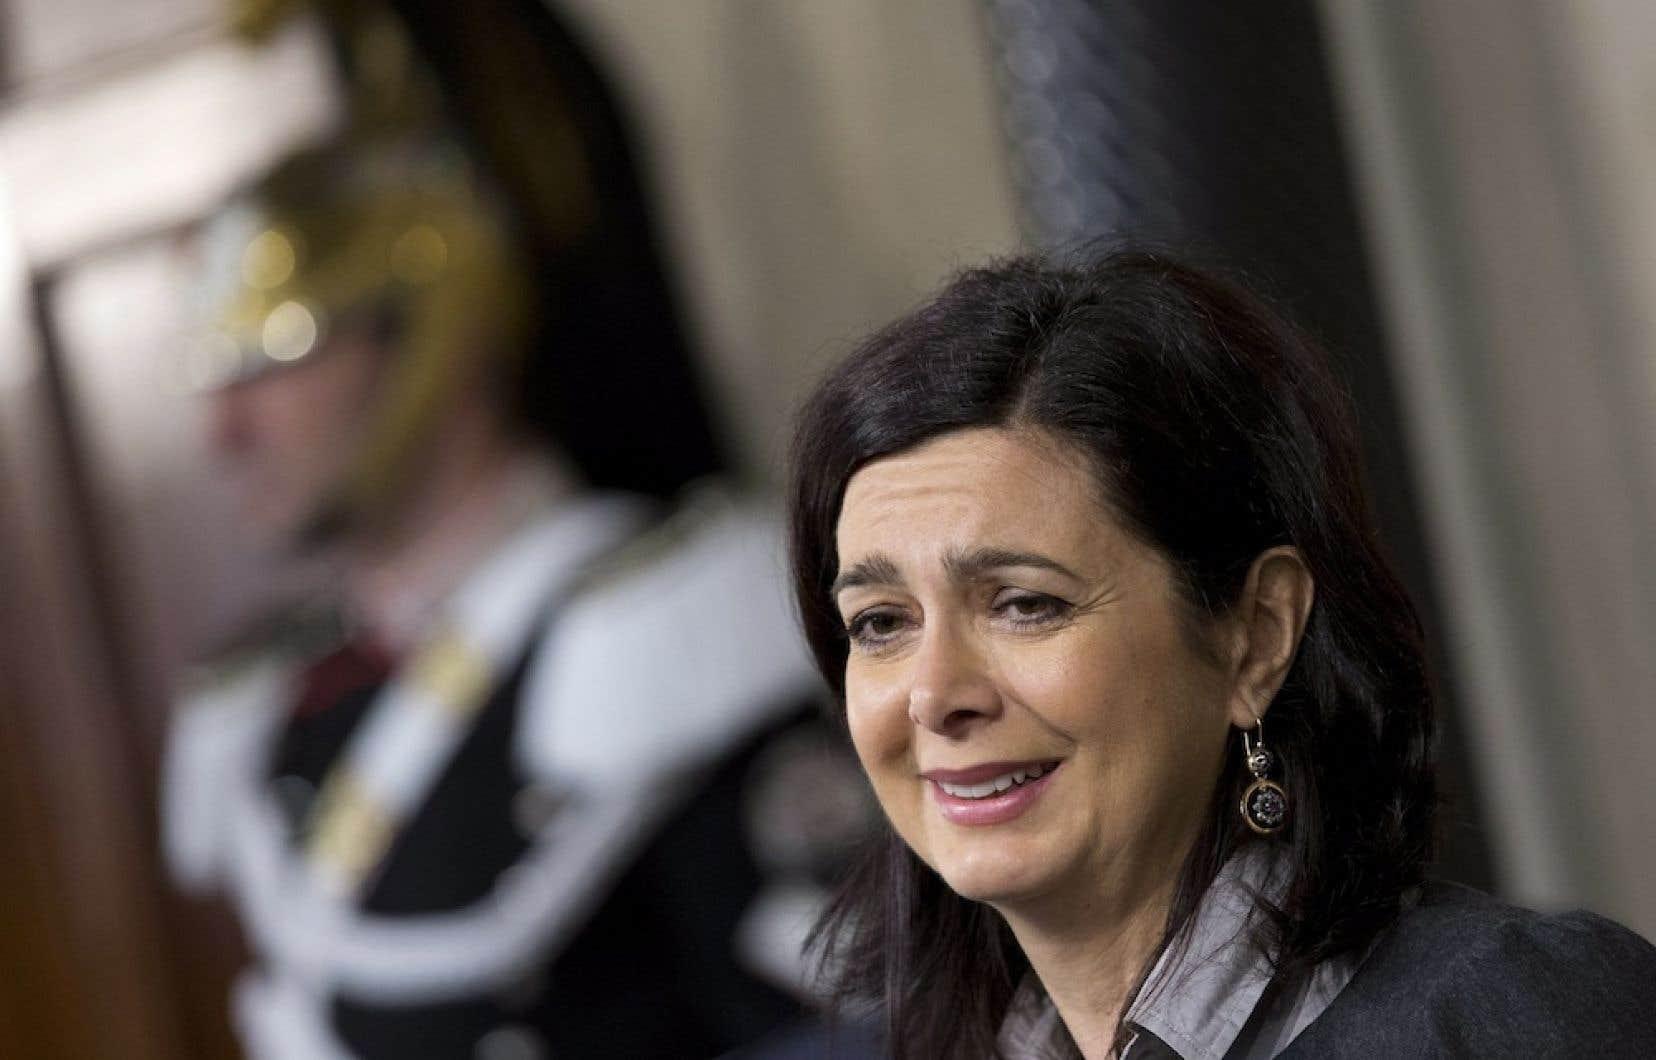 « Je n'ai pas peur d'ouvrir un front de bataille », affirme la présidente de la Chambre des députés en Italie, LauraBoldrini.